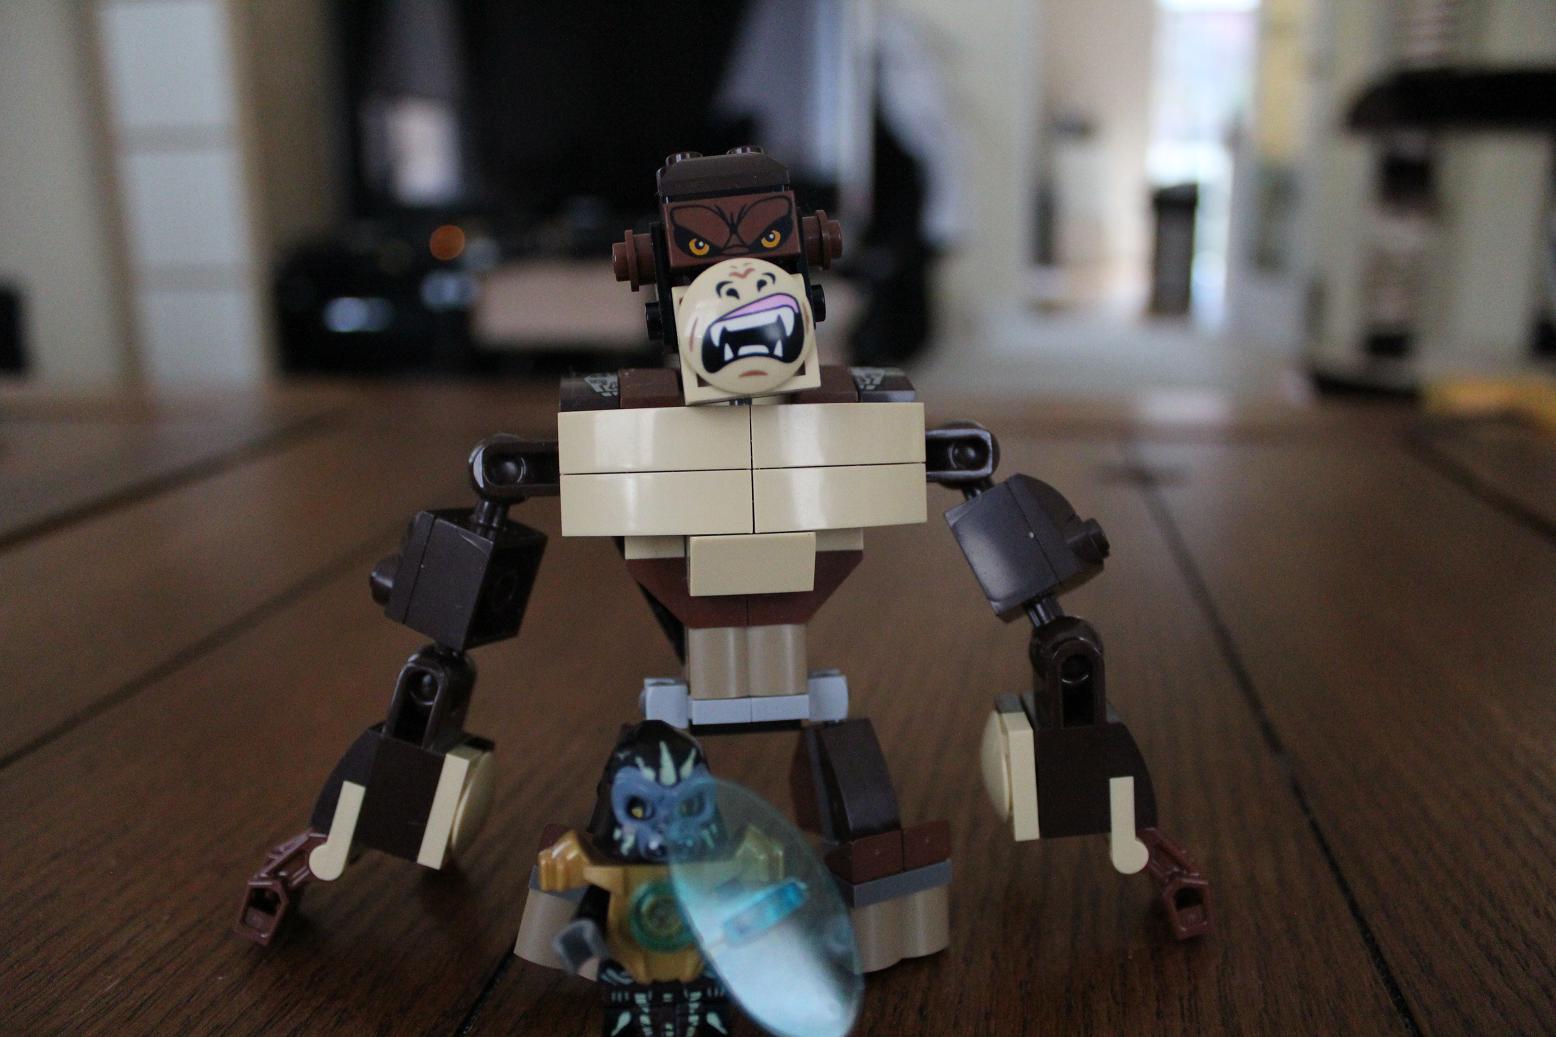 Lego Chima gorilla.jpg